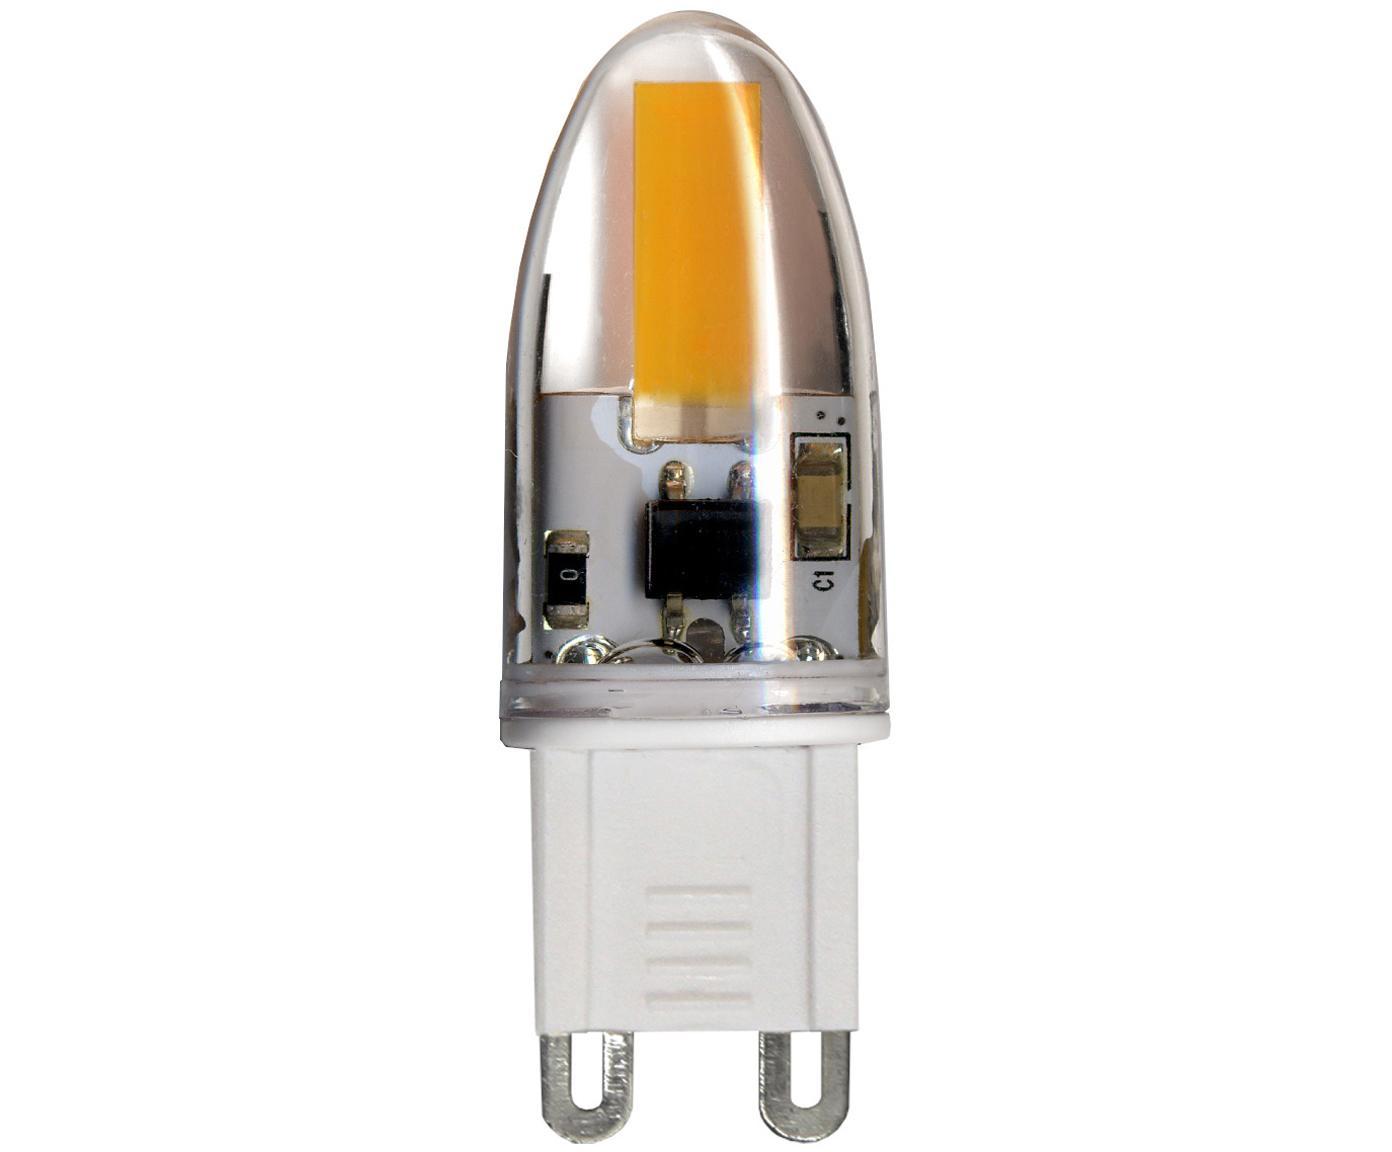 Żarówka LED Halo (G9/1,6W) 5 szt., Szkło, Transparentny, S 2 x W 5 cm